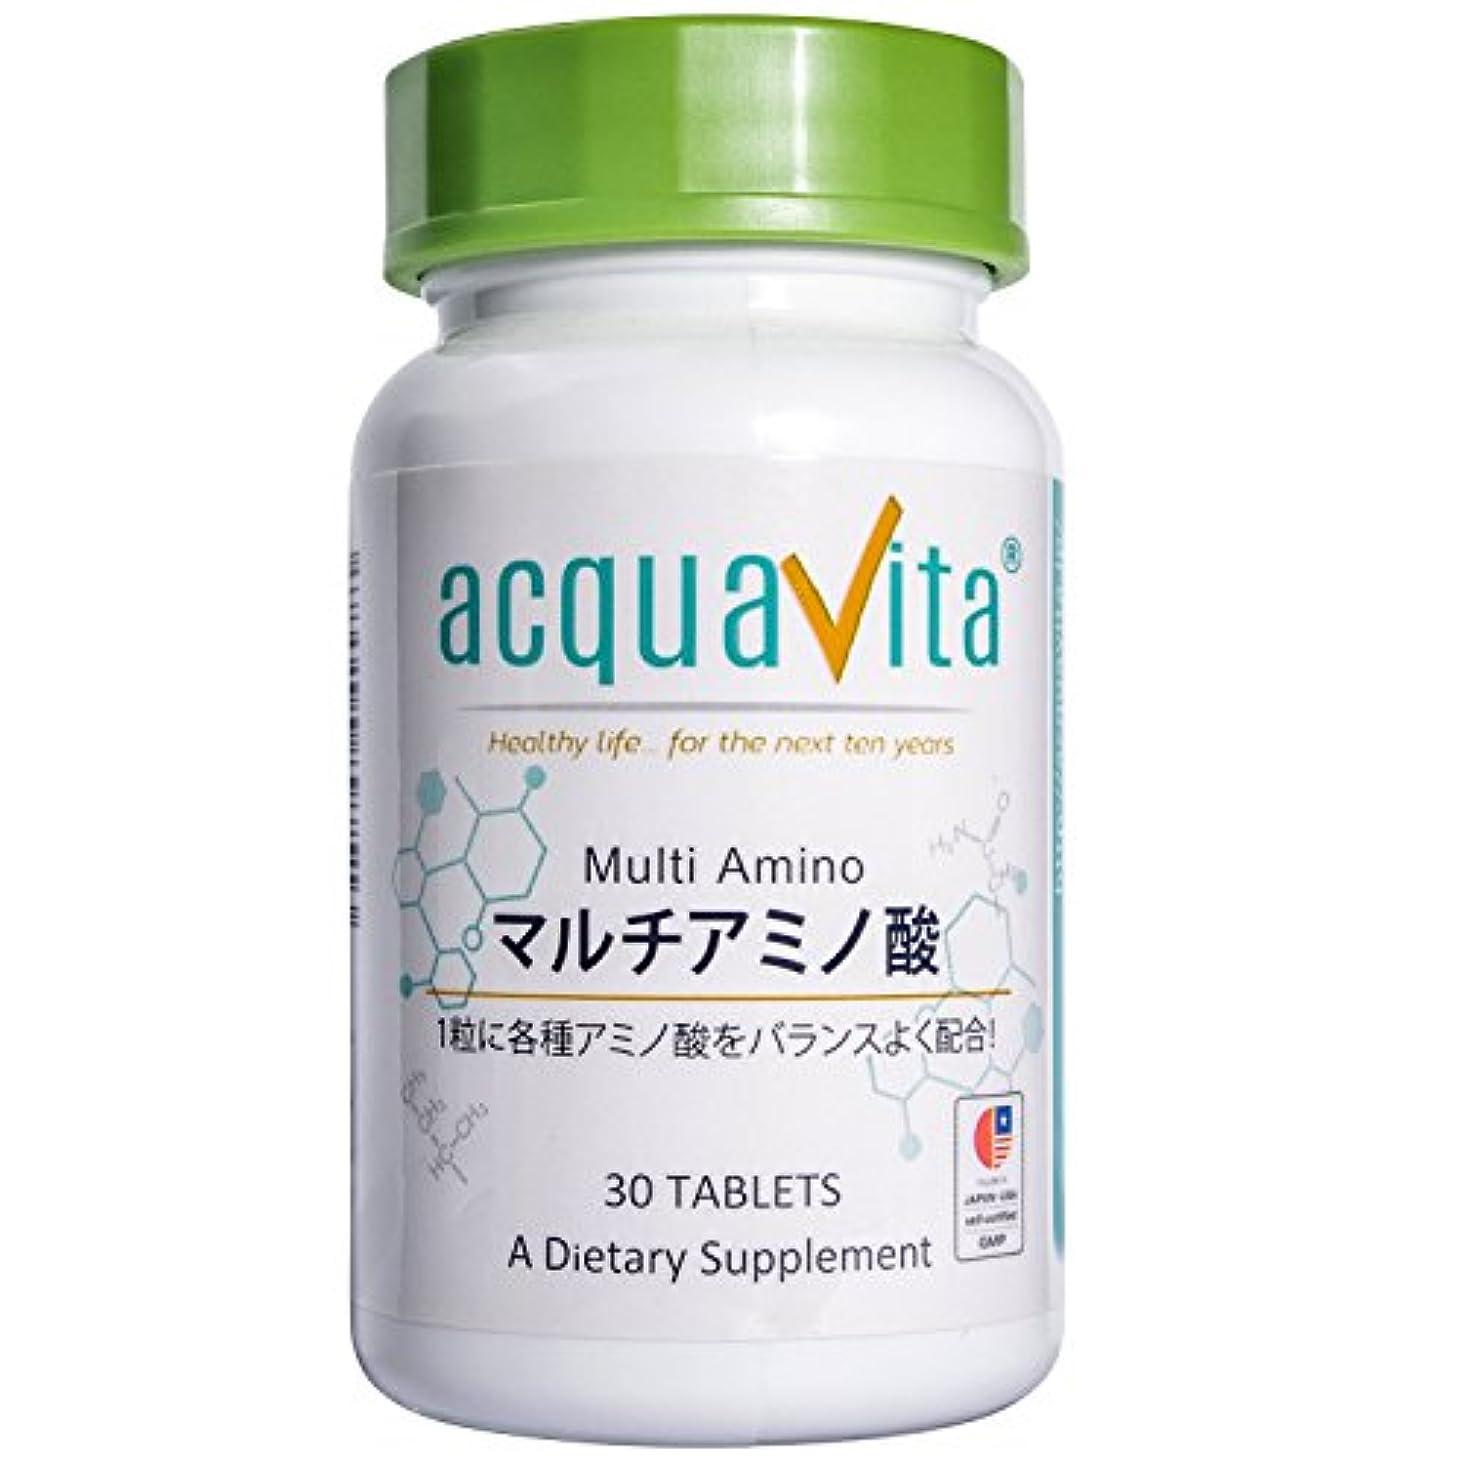 反映する複製する版acquavita(アクアヴィータ) マルチアミノ酸 30粒